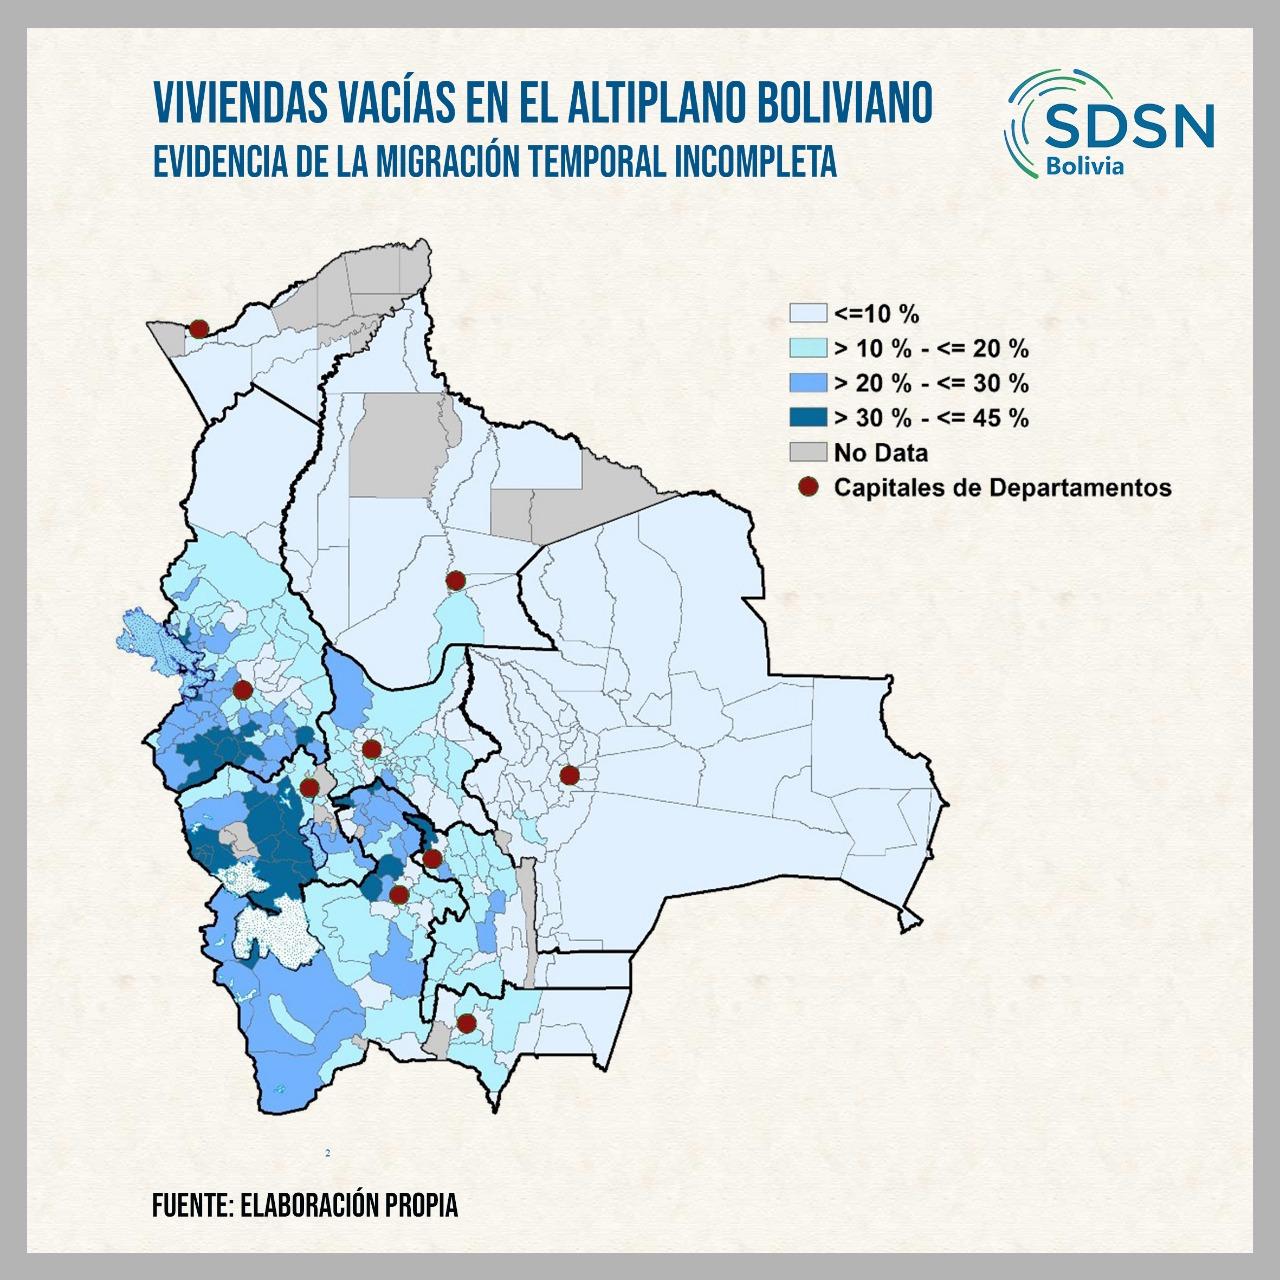 Viviendas vacías en el Altiplano de Bolivia: Evidencia de la migración temporal e incompleta